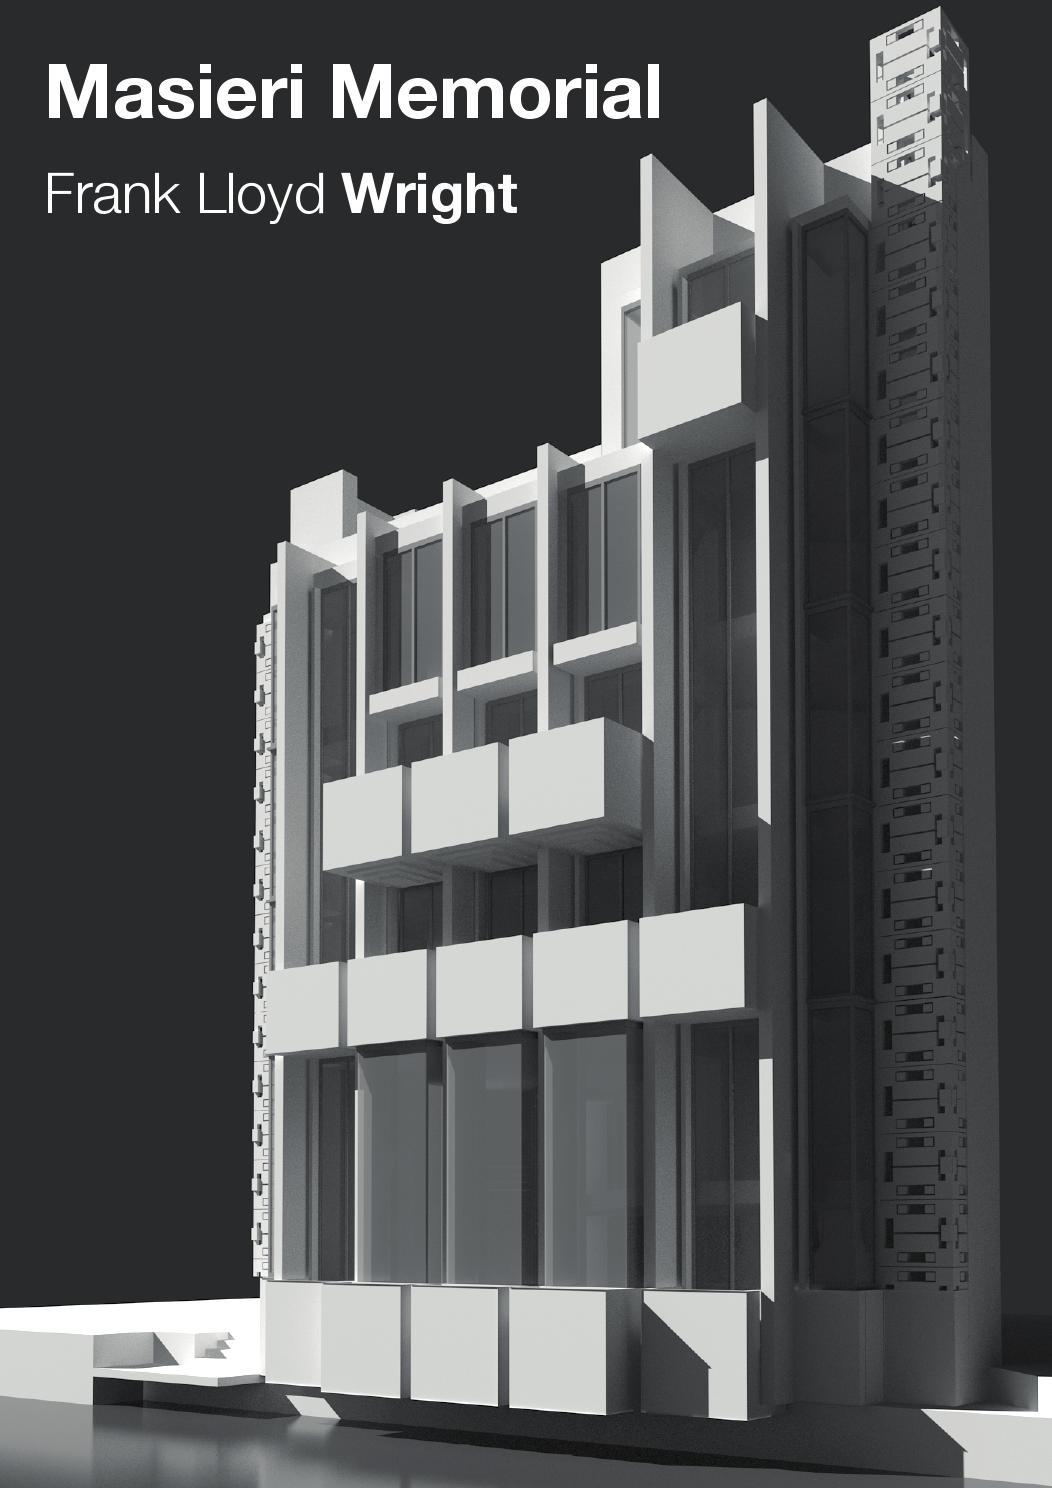 Masieri memorial f l wright by andrea zanovello issuu for Franco case dei progetti di lloyd wright